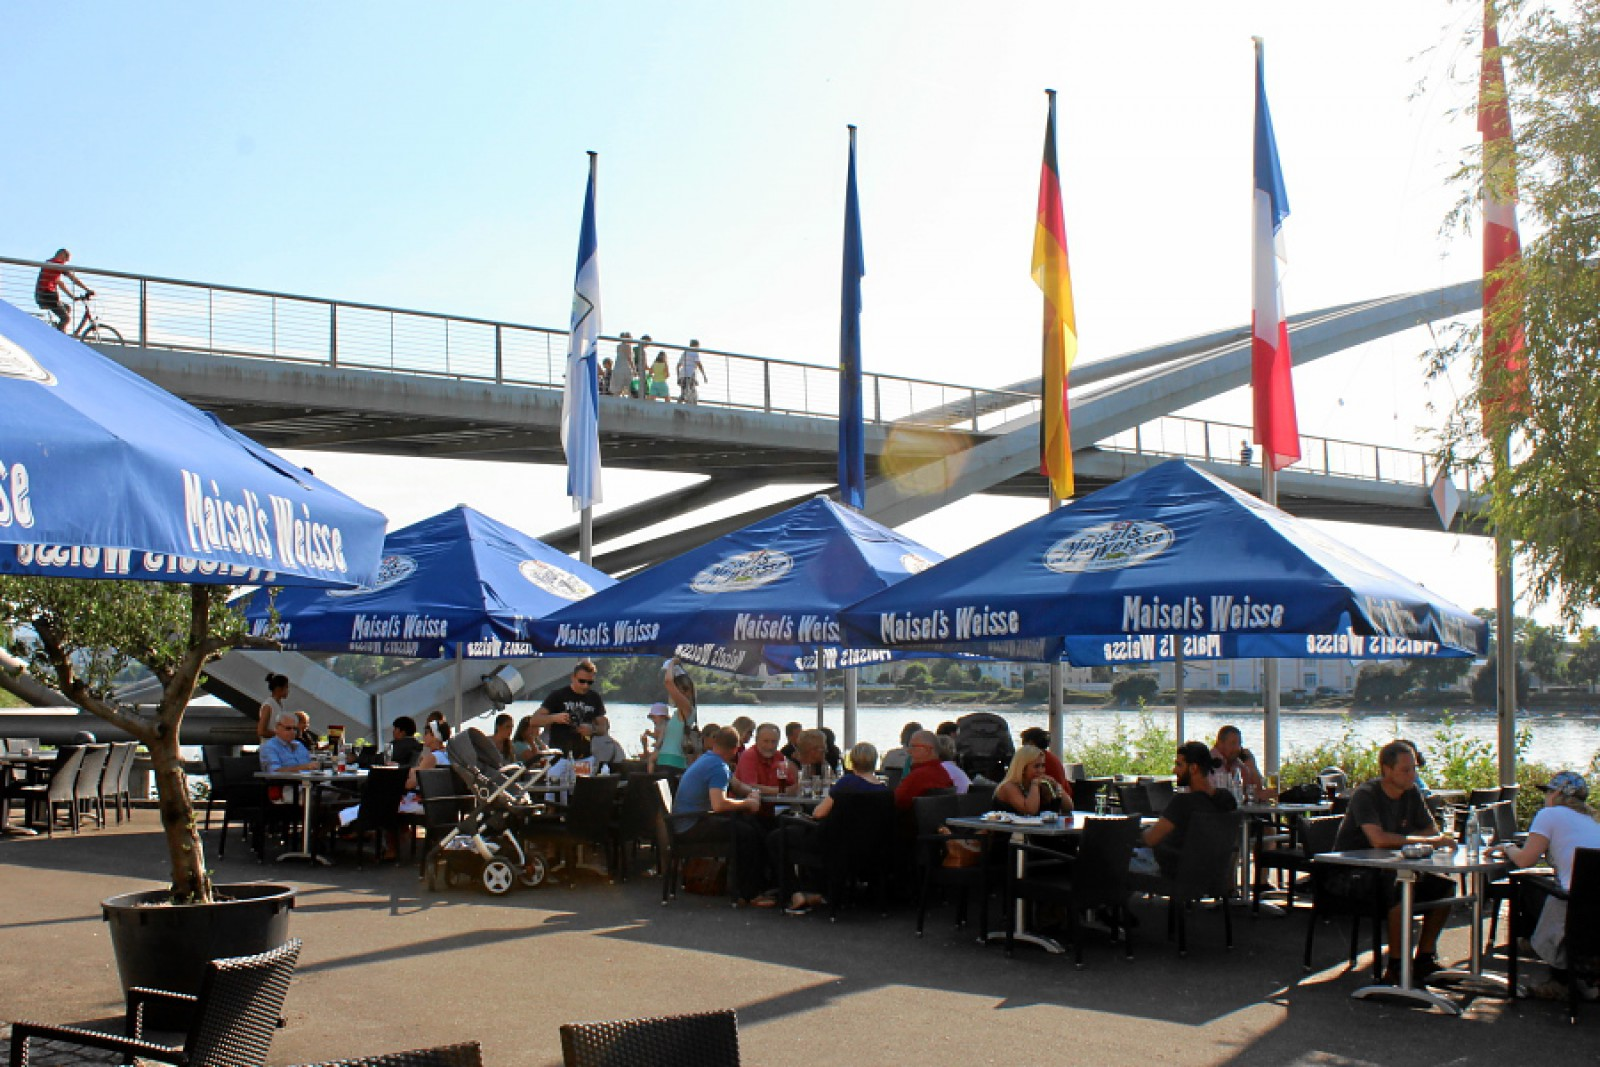 Restaurant Esstisch Weil Am Rhein ~ Chinarestaurant Rheinpark in Weil am Rhein